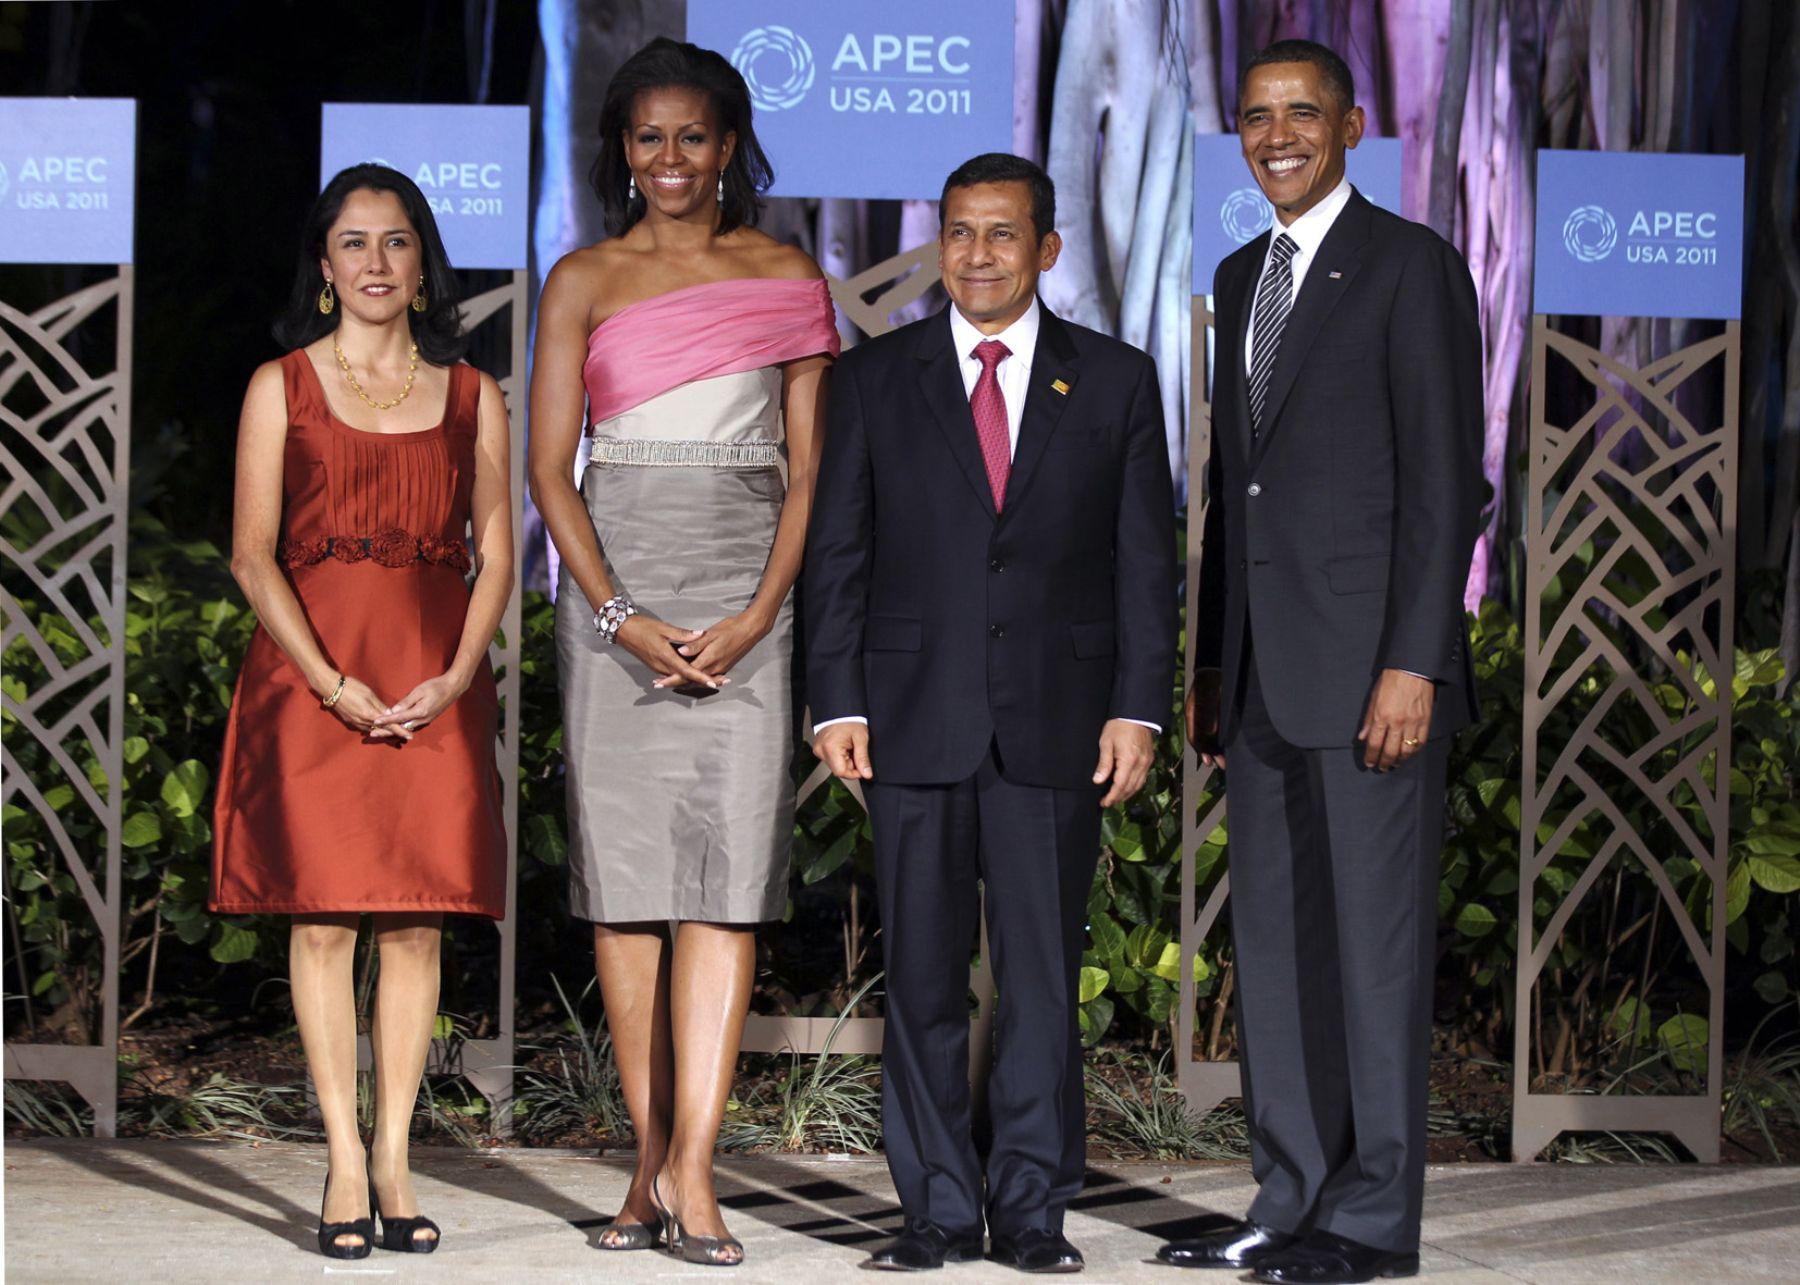 El Jefe de Estado Ollanta Humala y la Primera Dama Nadine Heredia participaron anoche en la Cena de Honor que ofreció el Presidente de Estados Unidos Barack Obama a los Líderes de APEC. Foto:ANDINA/Prensa Presidencia